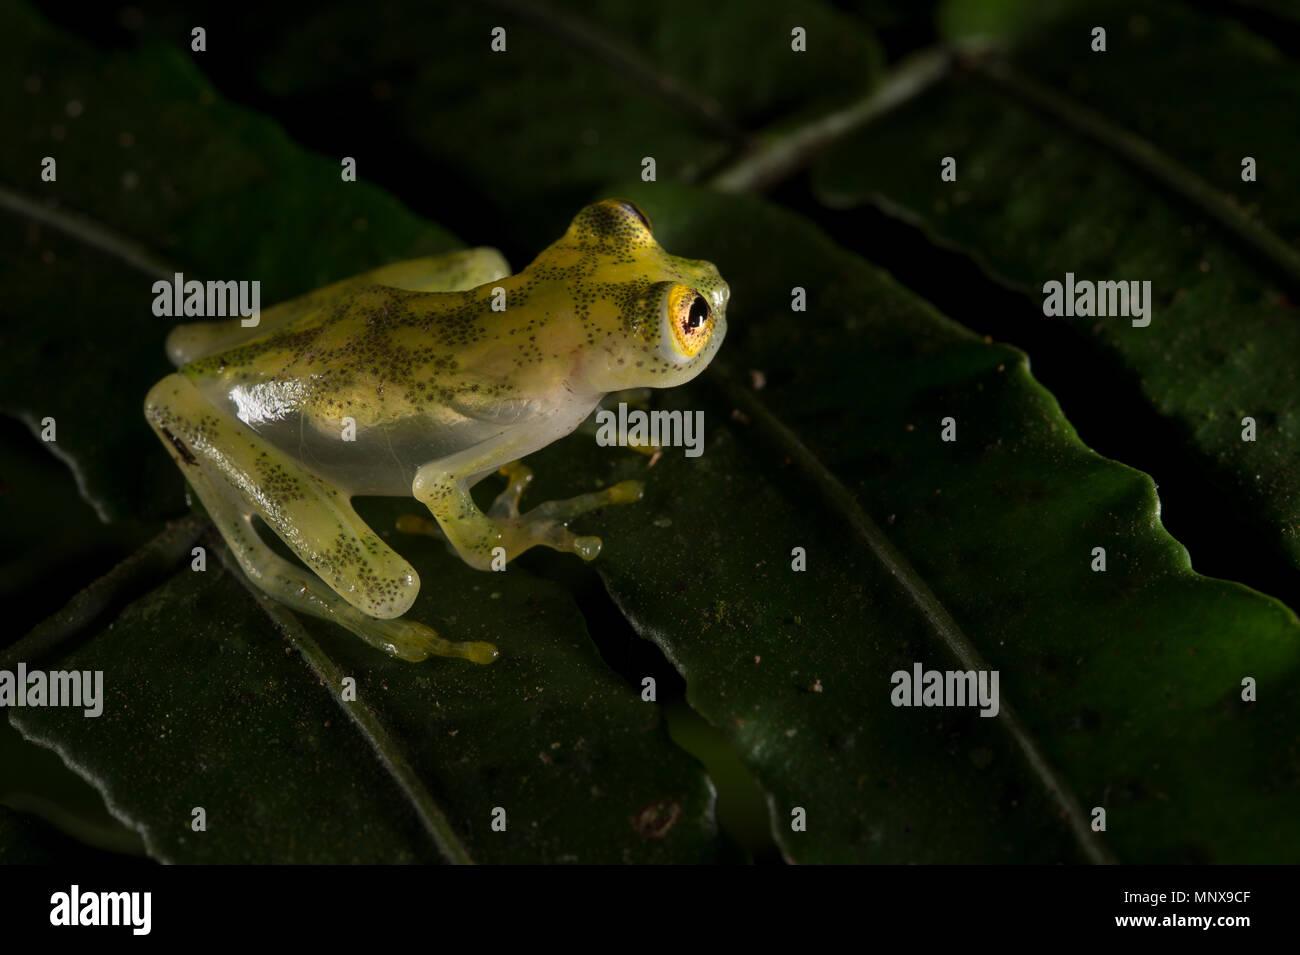 Aus vernetztem Glas Frog Hyalinobatrachium valerioi Centrolenidae,,, Costa Rica Stockbild